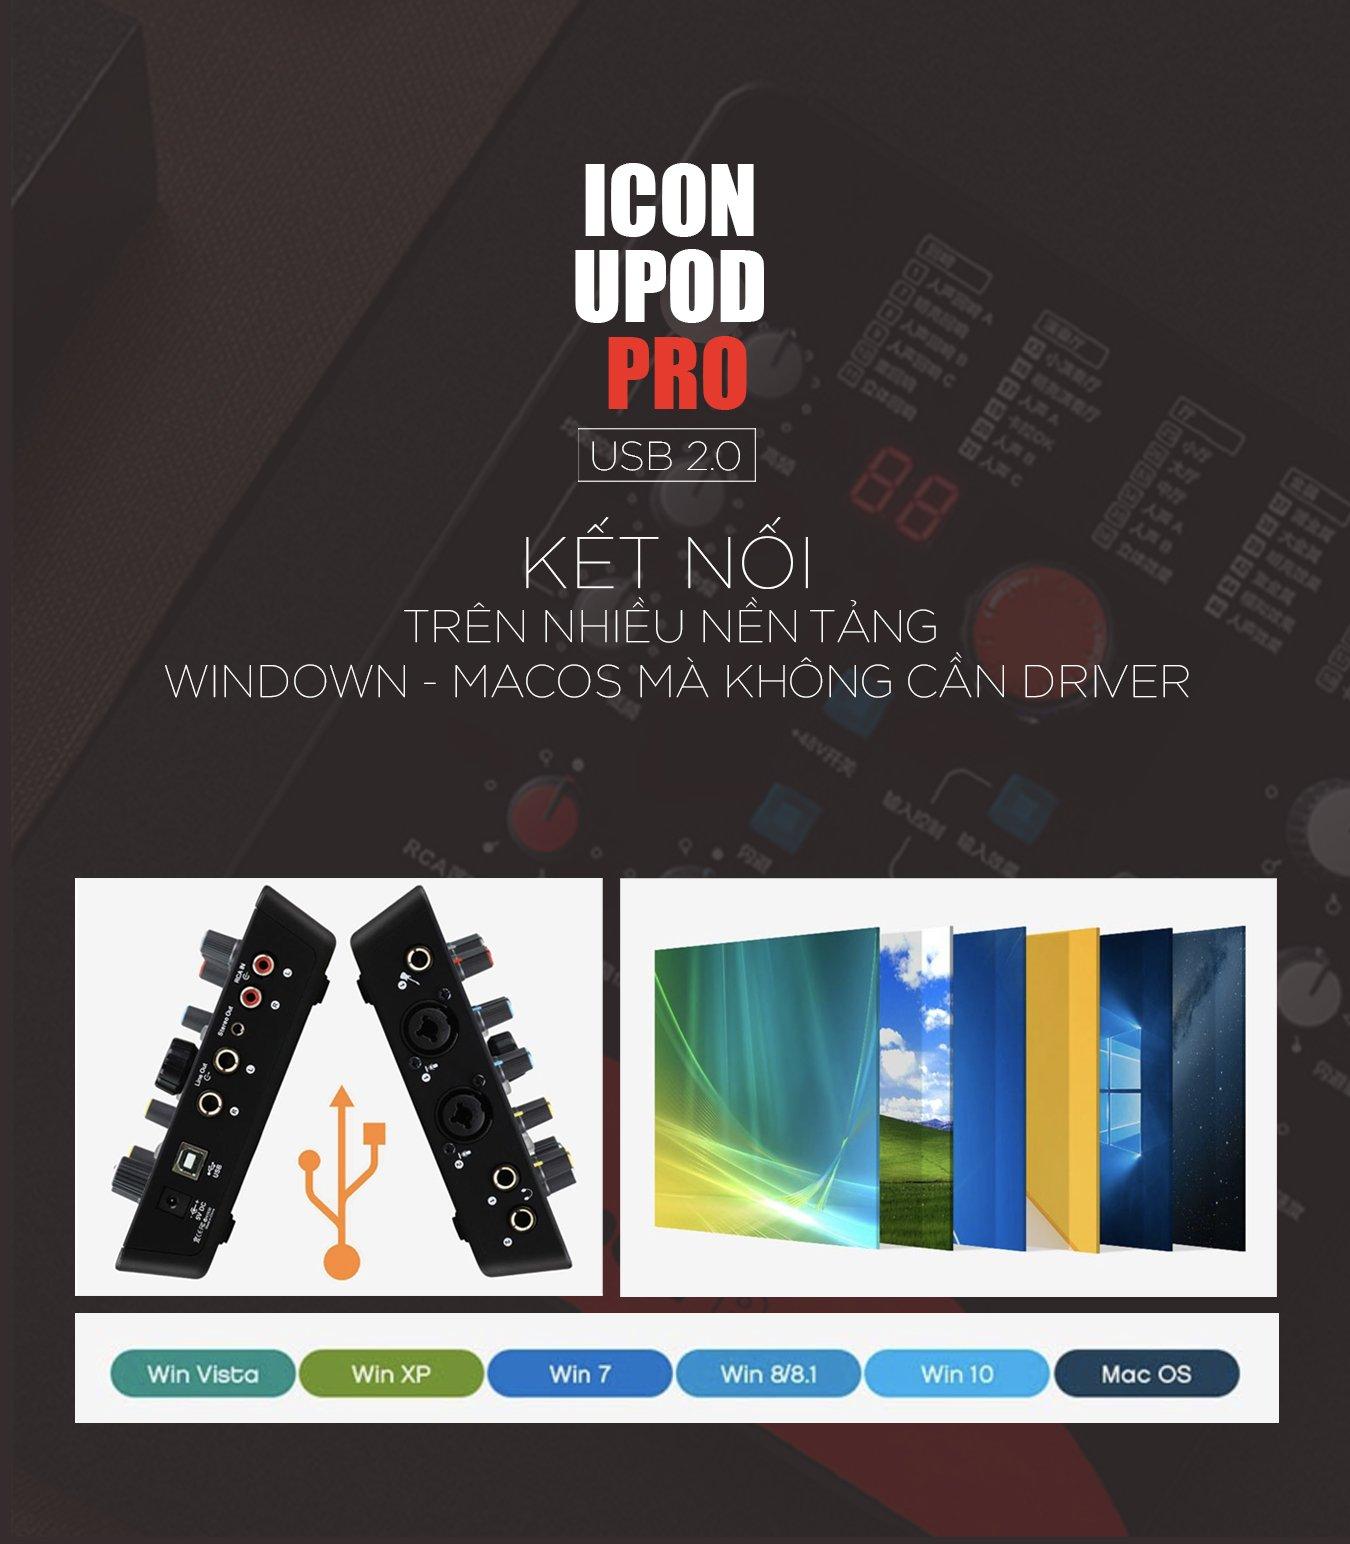 Sound card livestream ICON UPOD PRO, hát thu âm karaoke chuyên nghiệp